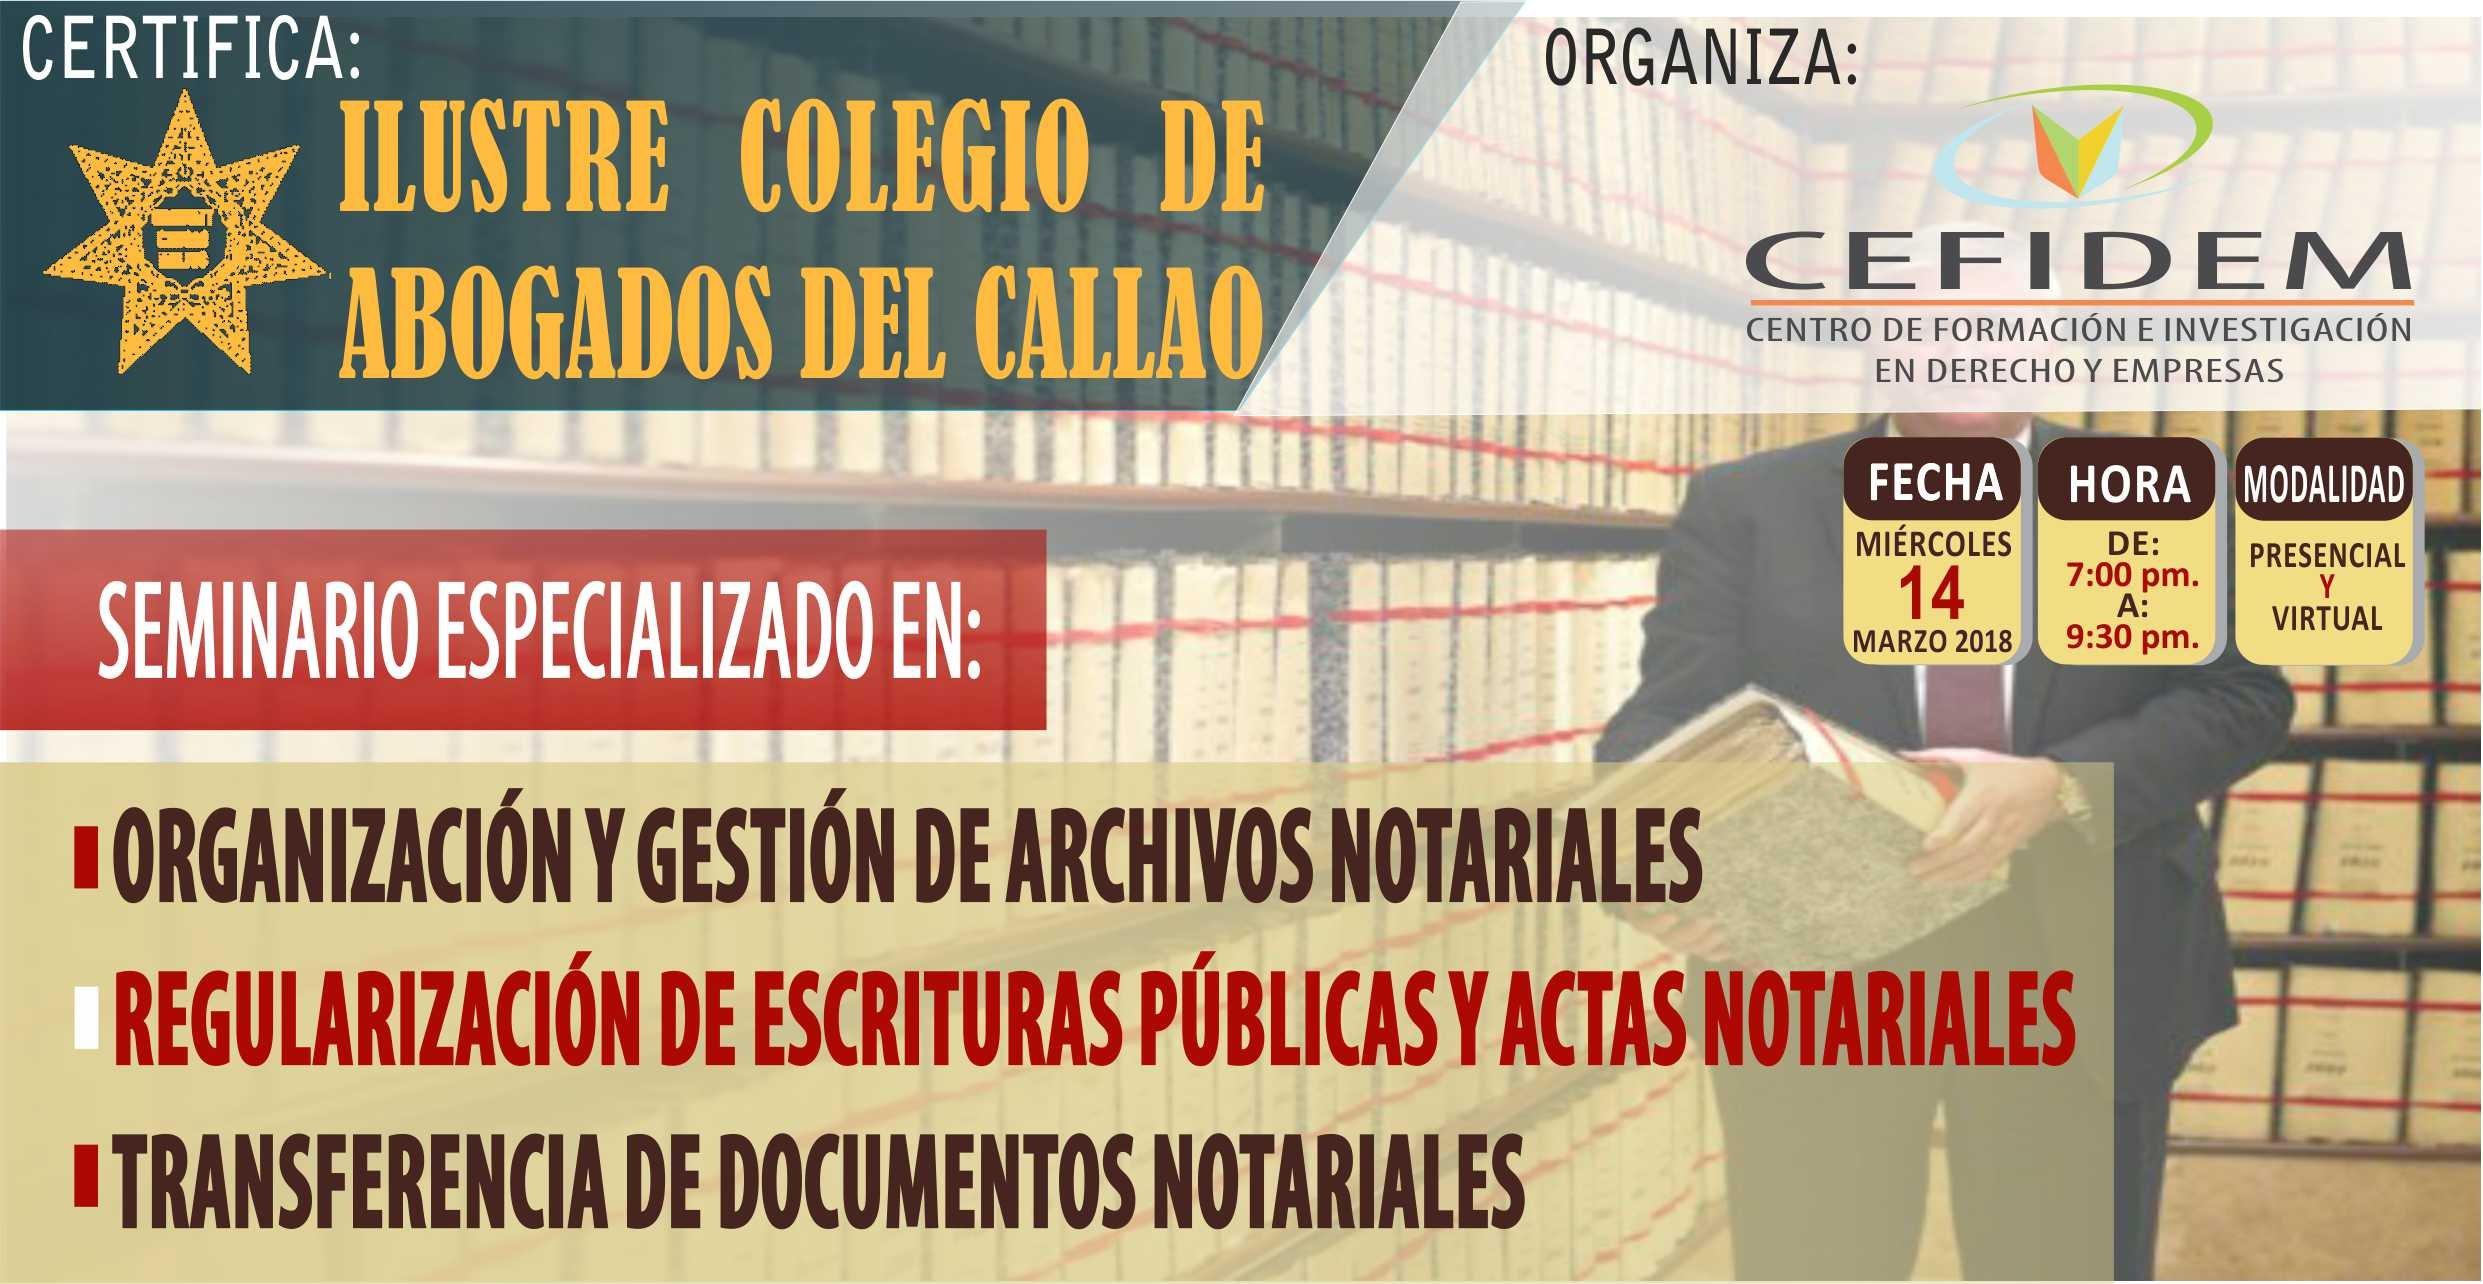 ORGANIZACIÓN Y GESTIÓN DE ARCHIVOS NOTARIALES, REGULARIZACIÓN DE ESCRITURAS Y TRANSFERENCIA DE DOCUMENTOS NOTARIALES (14-03-2018)